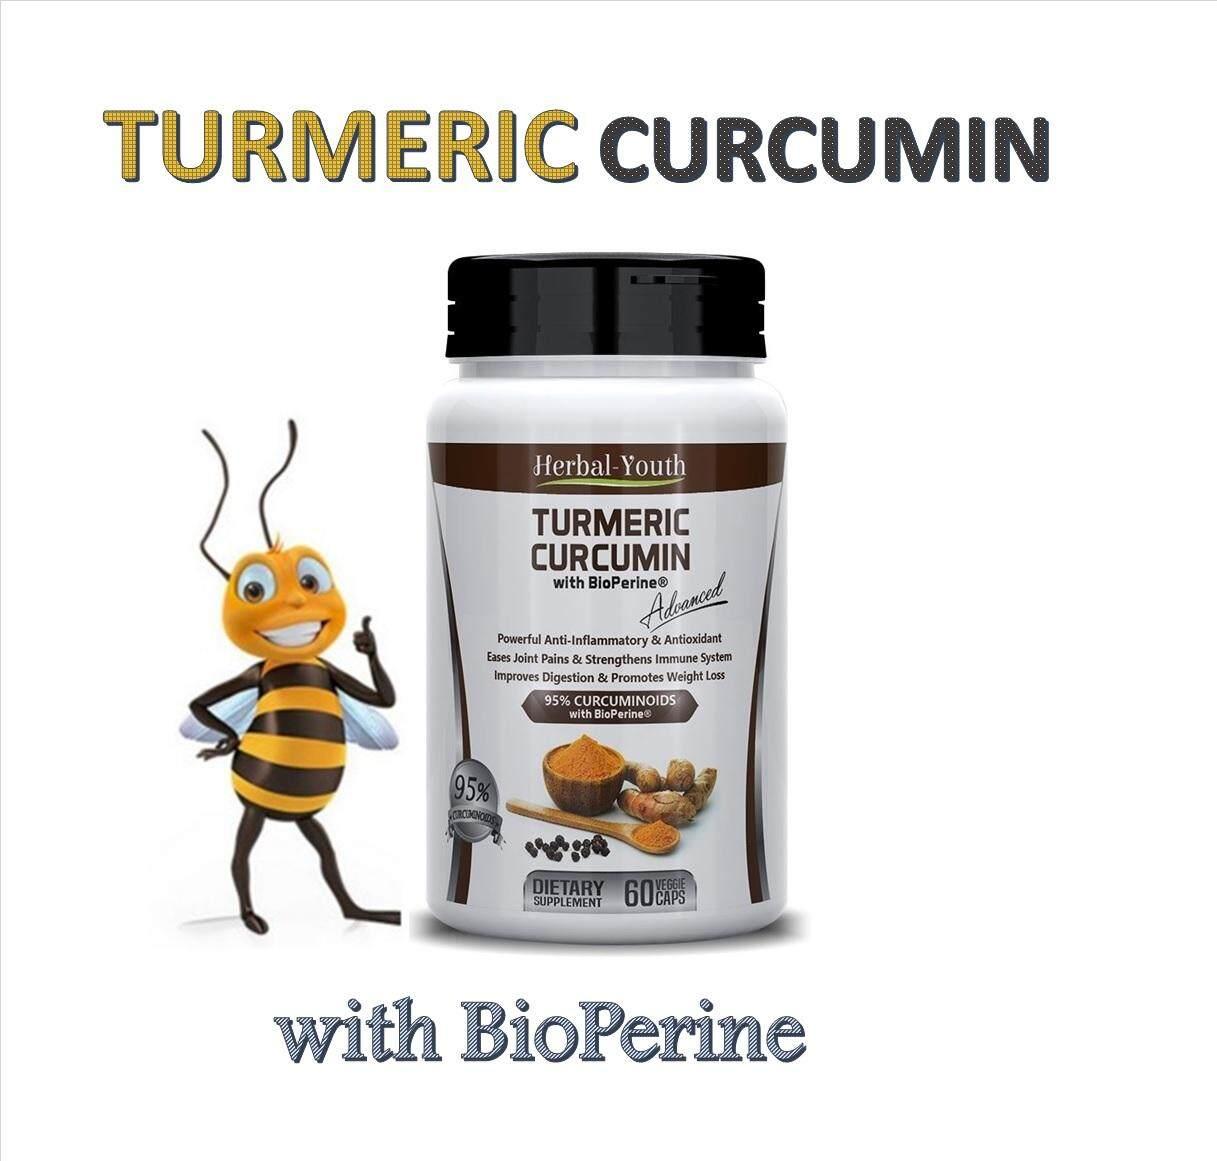 Turmeric Curcumin Anti-inflammatory and Antioxidant (60 Vegetable Capsules)